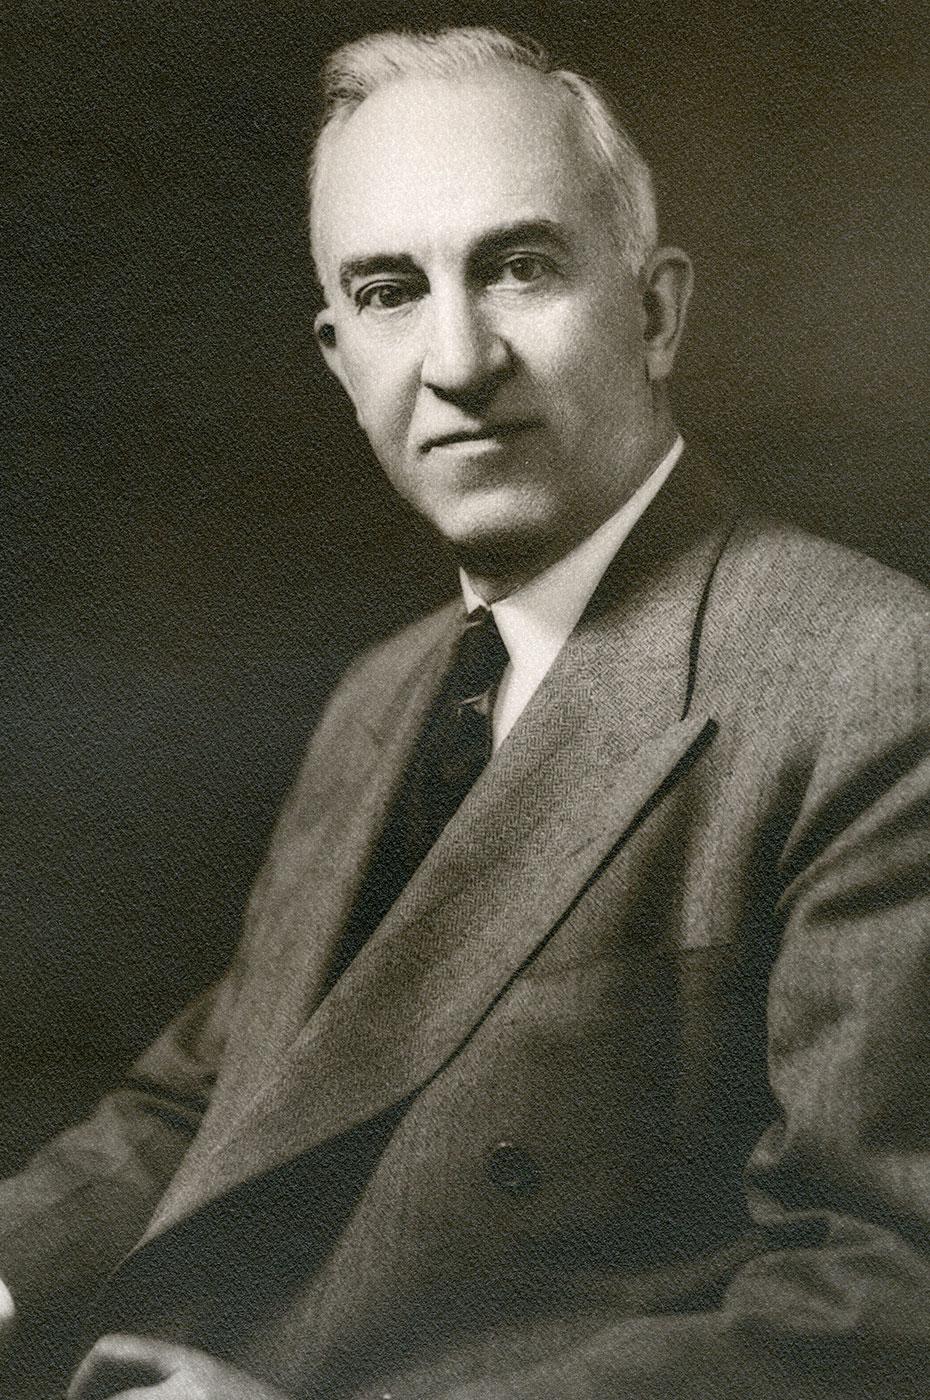 F. V. Widger